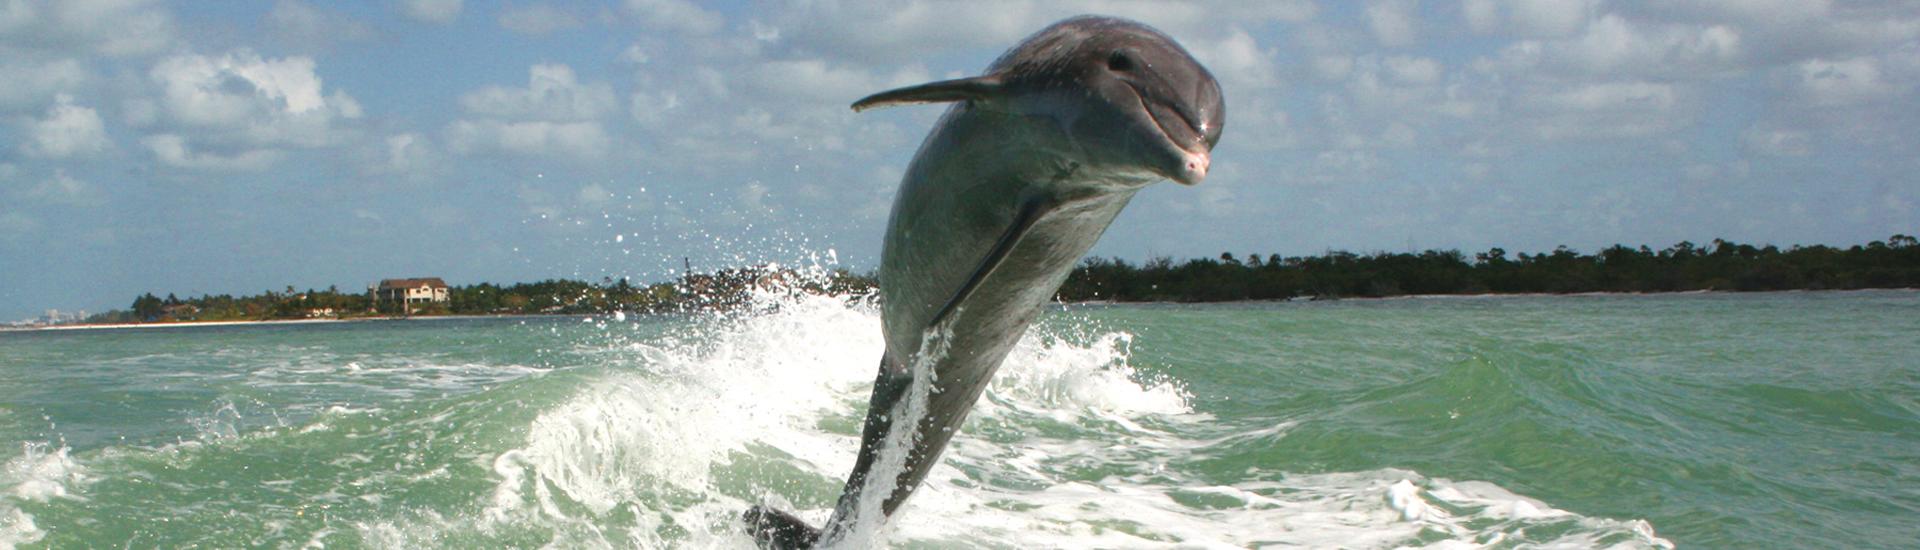 dolphin jump 550